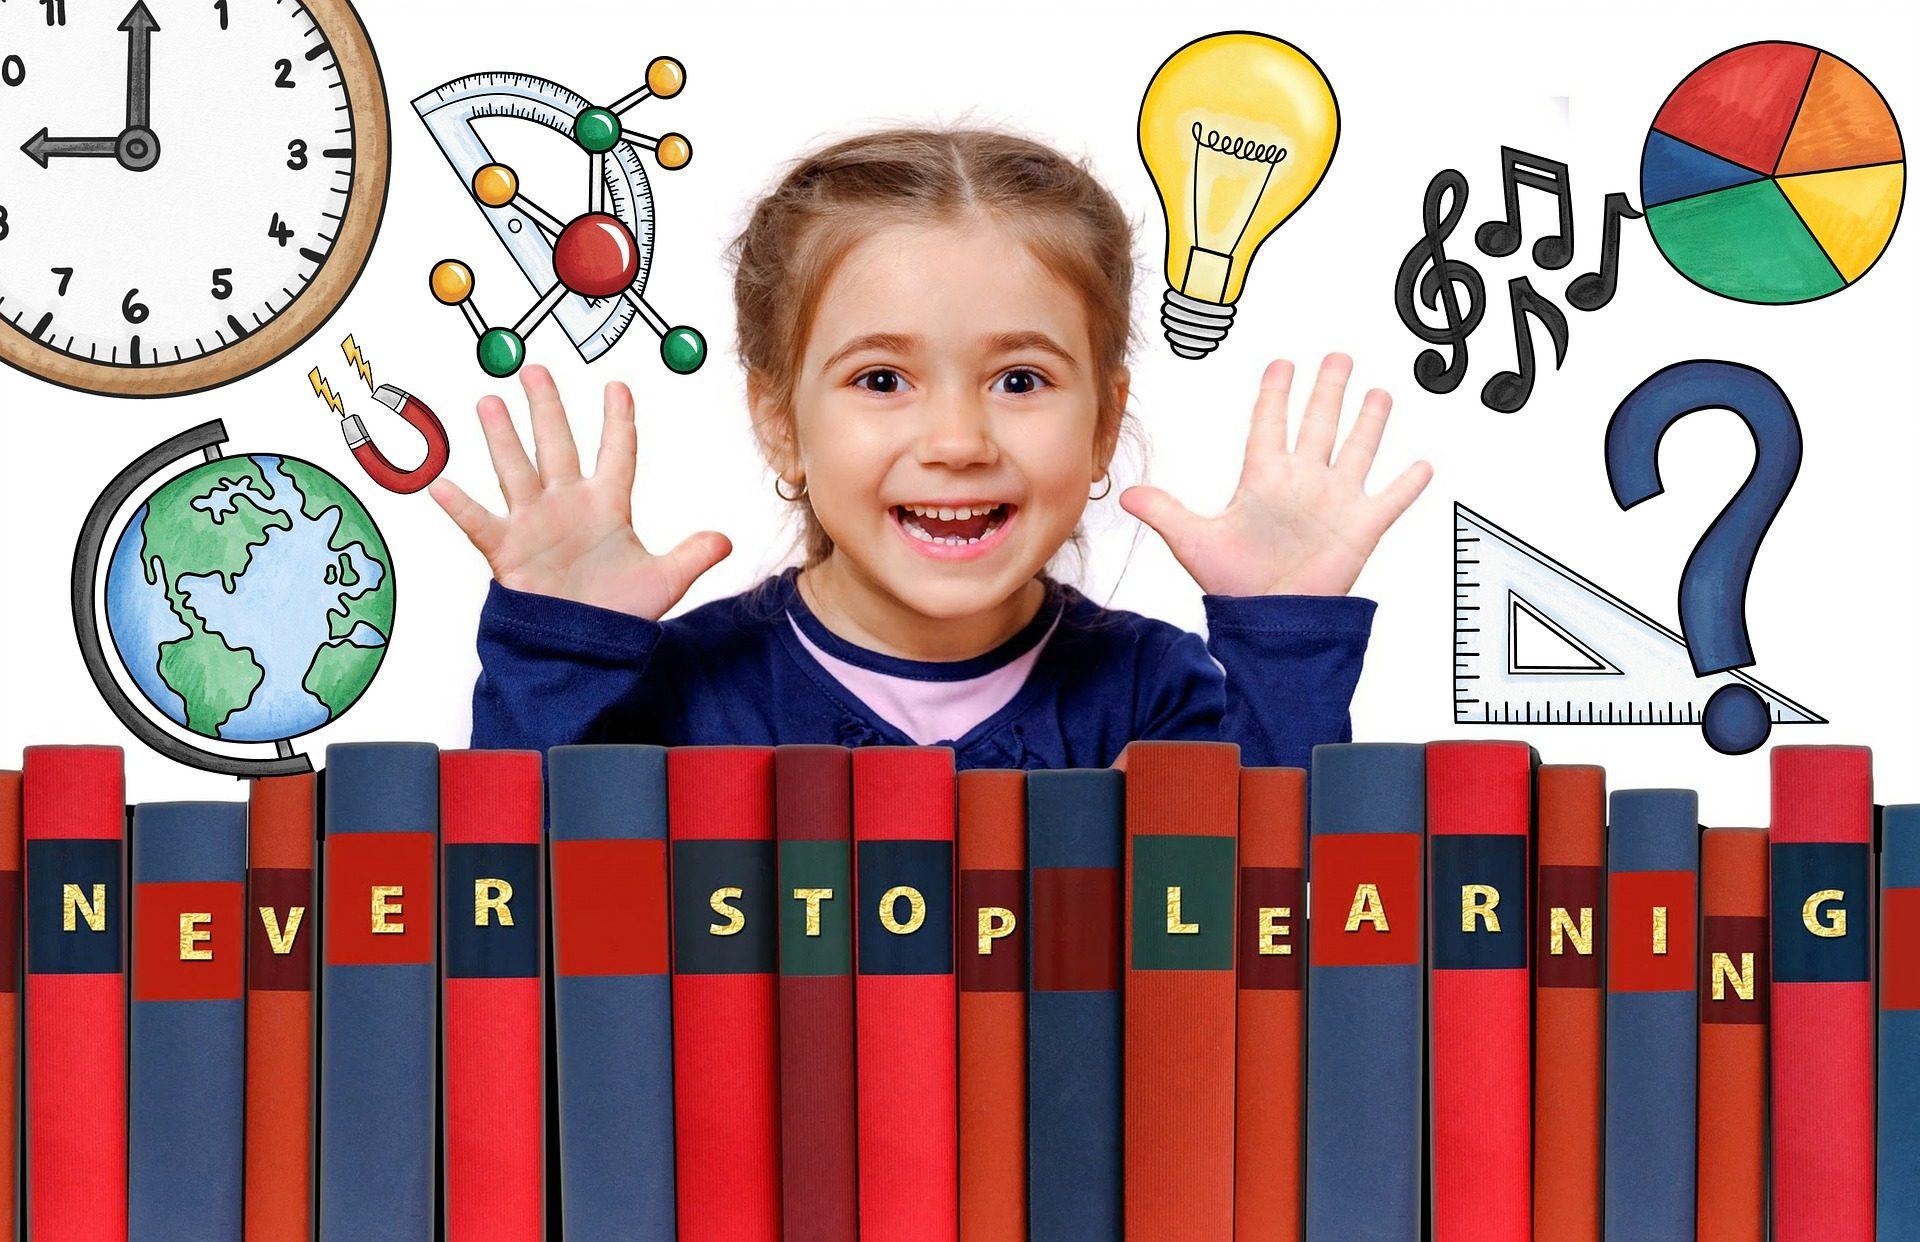 Denken, Intelligenzen, Gedächtnis & Lernen